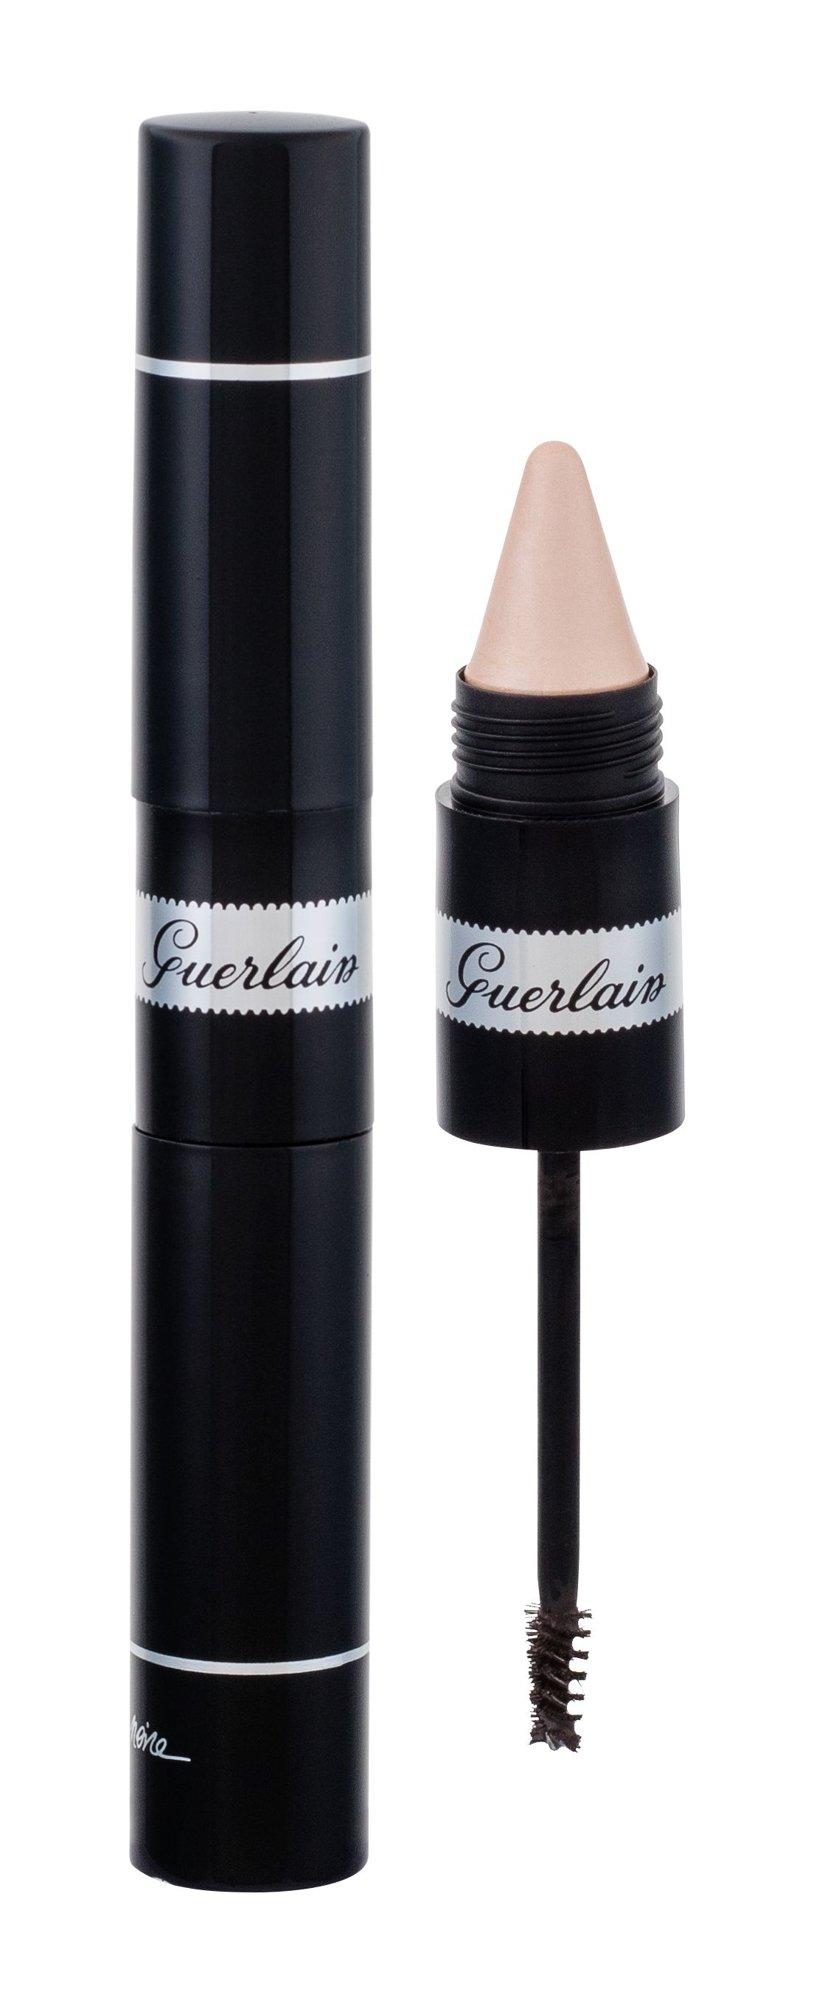 Guerlain La Petite Robe Noire Eyebrow Mascara 5,5ml 20 Deep